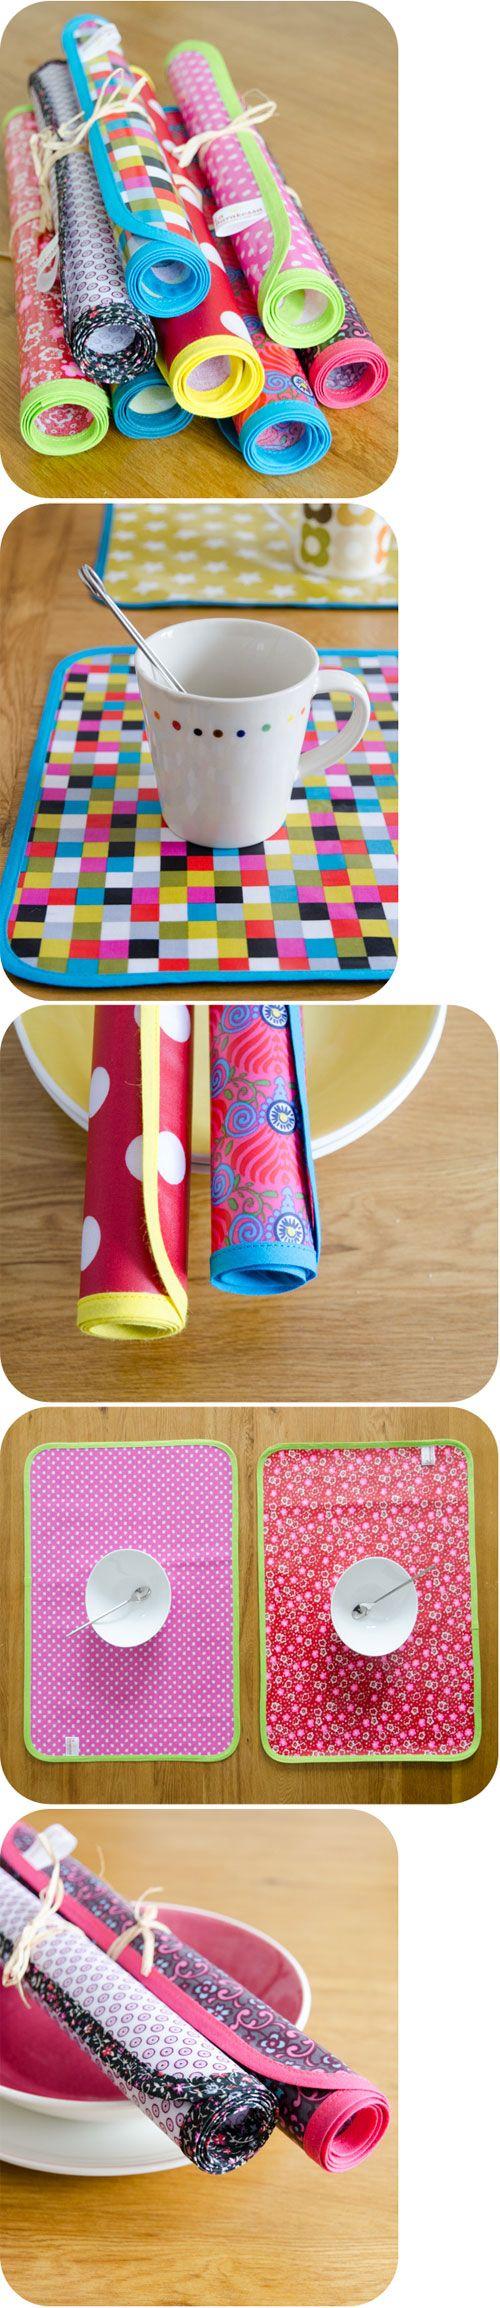 Sets de table, joli et coloré!